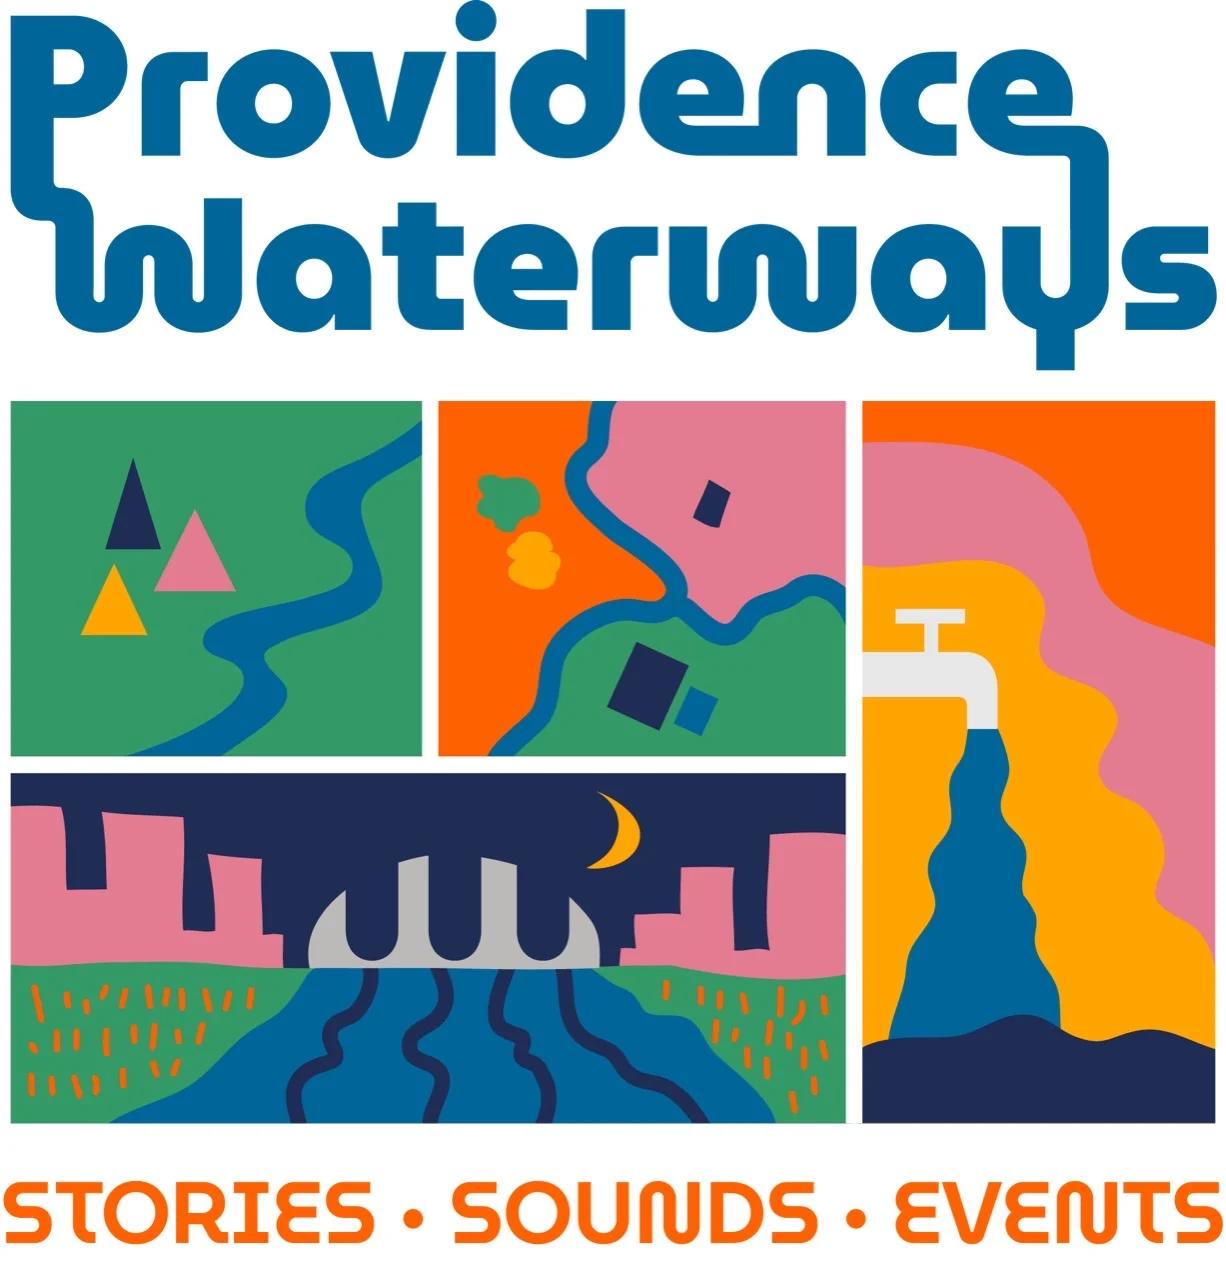 Providence Waterways